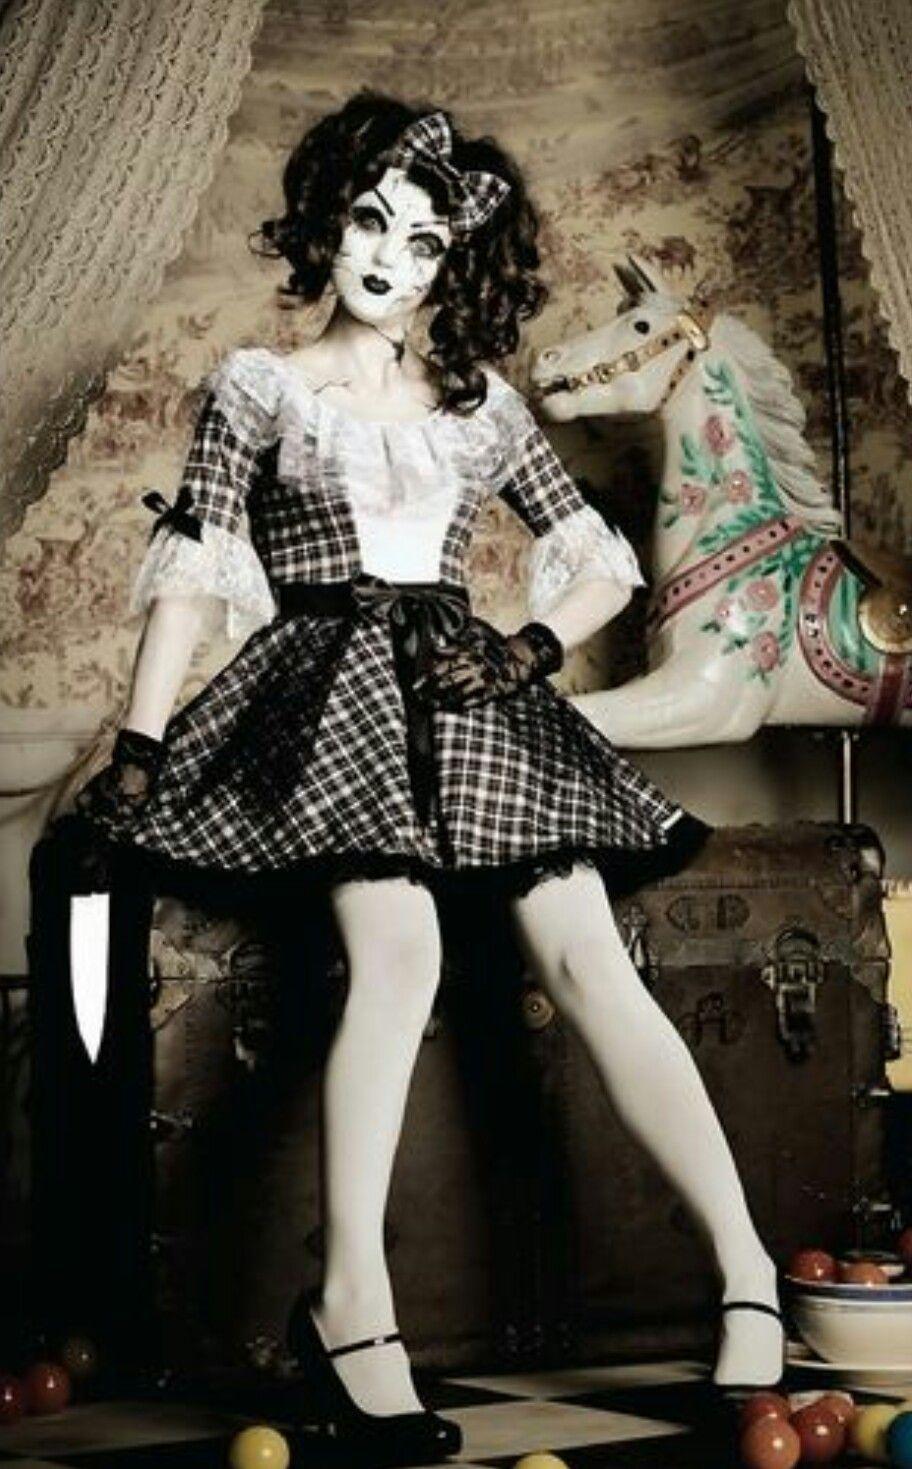 Muñeca Disfraz Disfraces De Terror Disfraces De Miedo De Halloween Halloween Disfraces